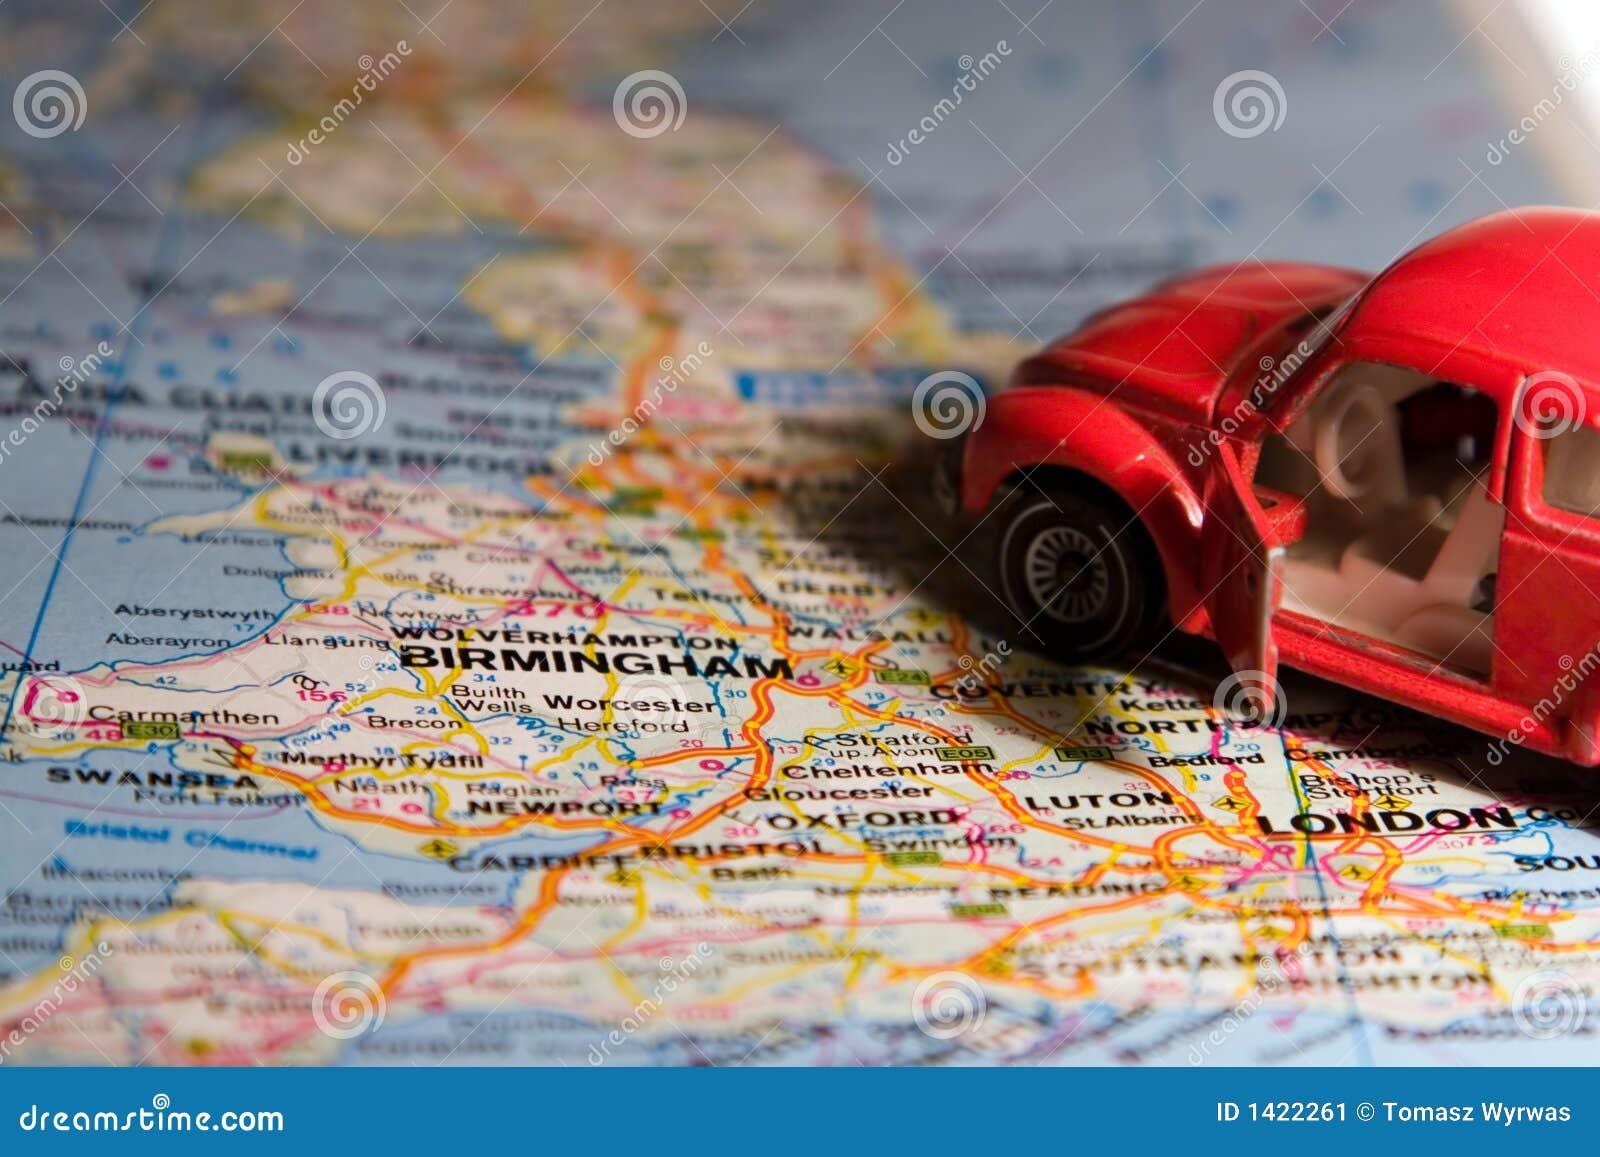 Automobil auf der Karte